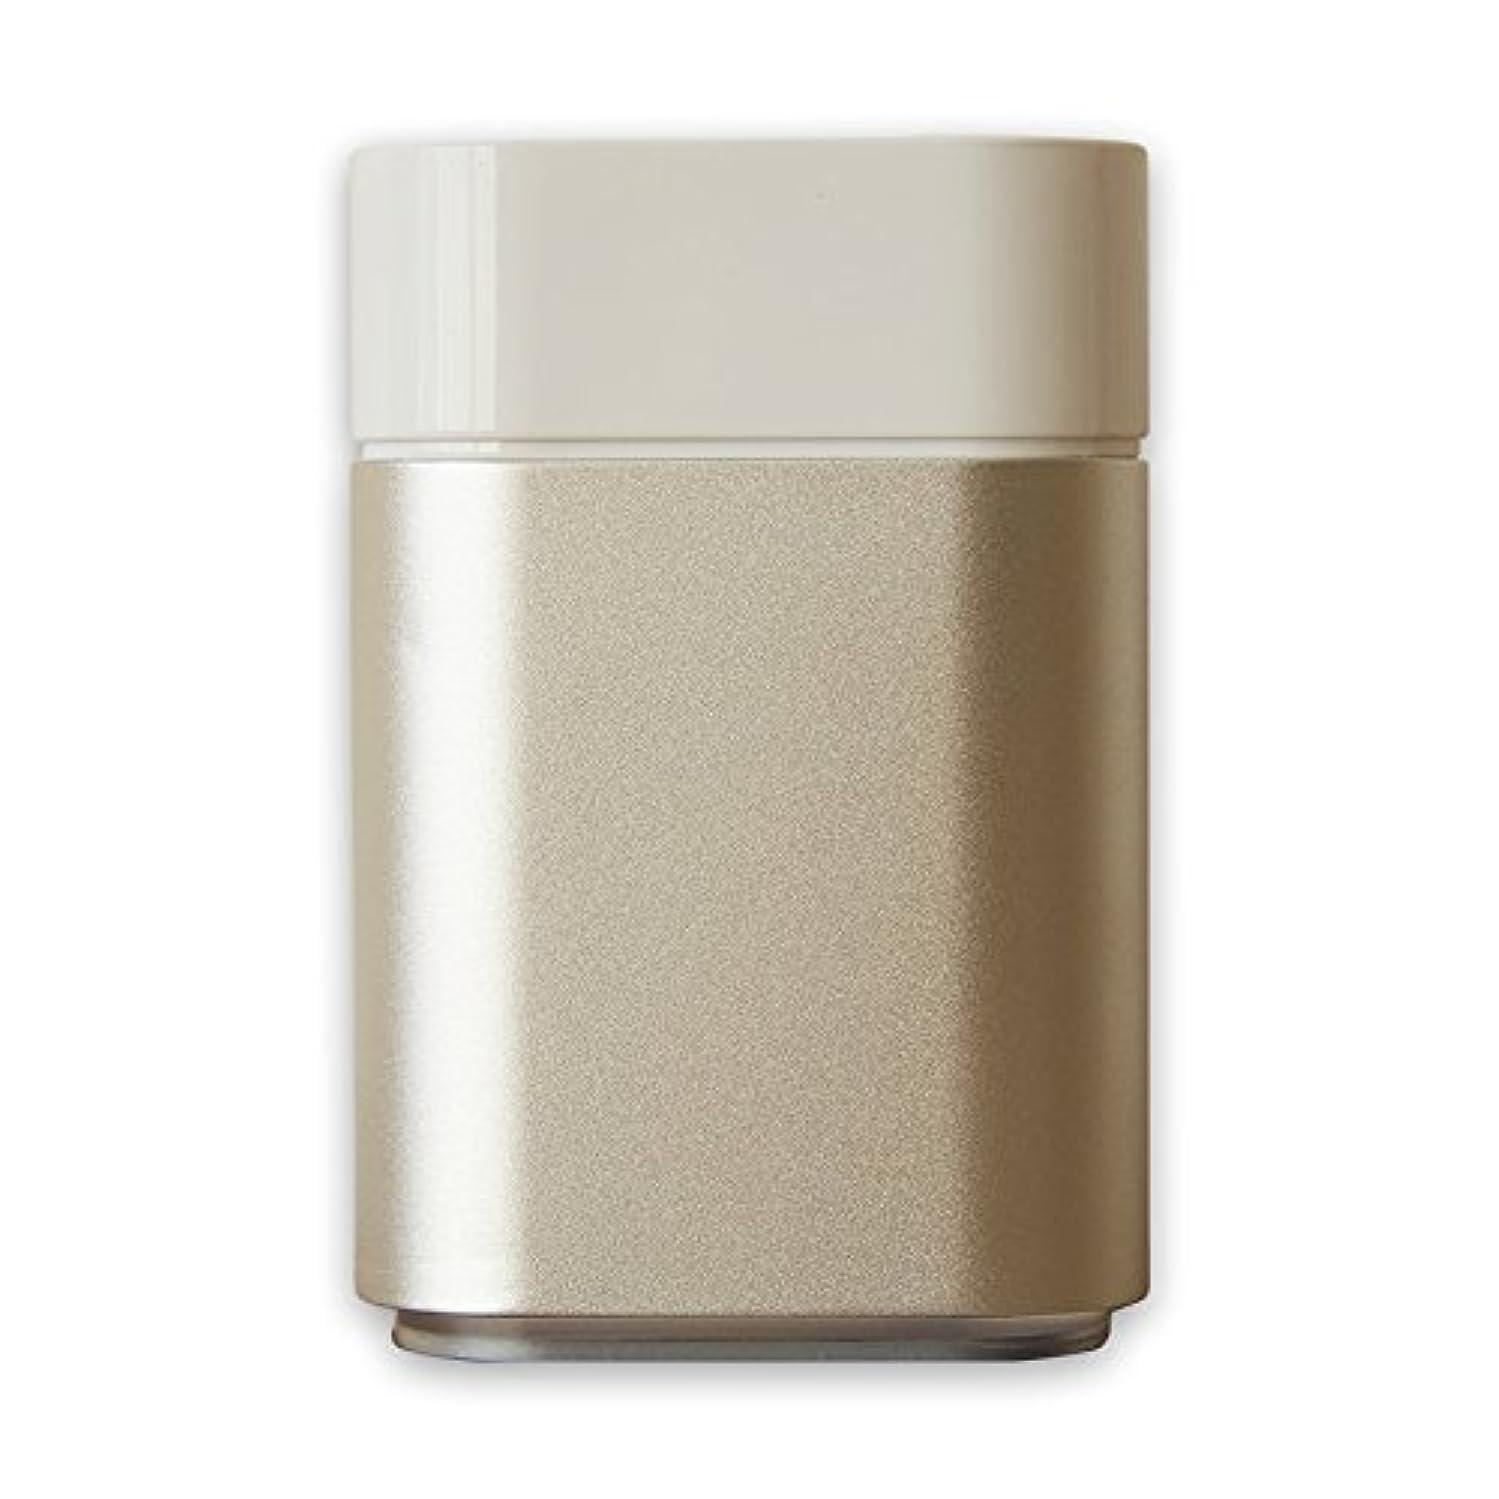 いうありがたい不満アロマディフューザー UR-AROMA04 卓上 小型 Uruon(ウルオン)水を使わない アロマ ネブライザー式 水なし ダイレクトオイル 製油瓶直噴式 超音波式 USB 卓上 油性 水性 静音 アロマオイル